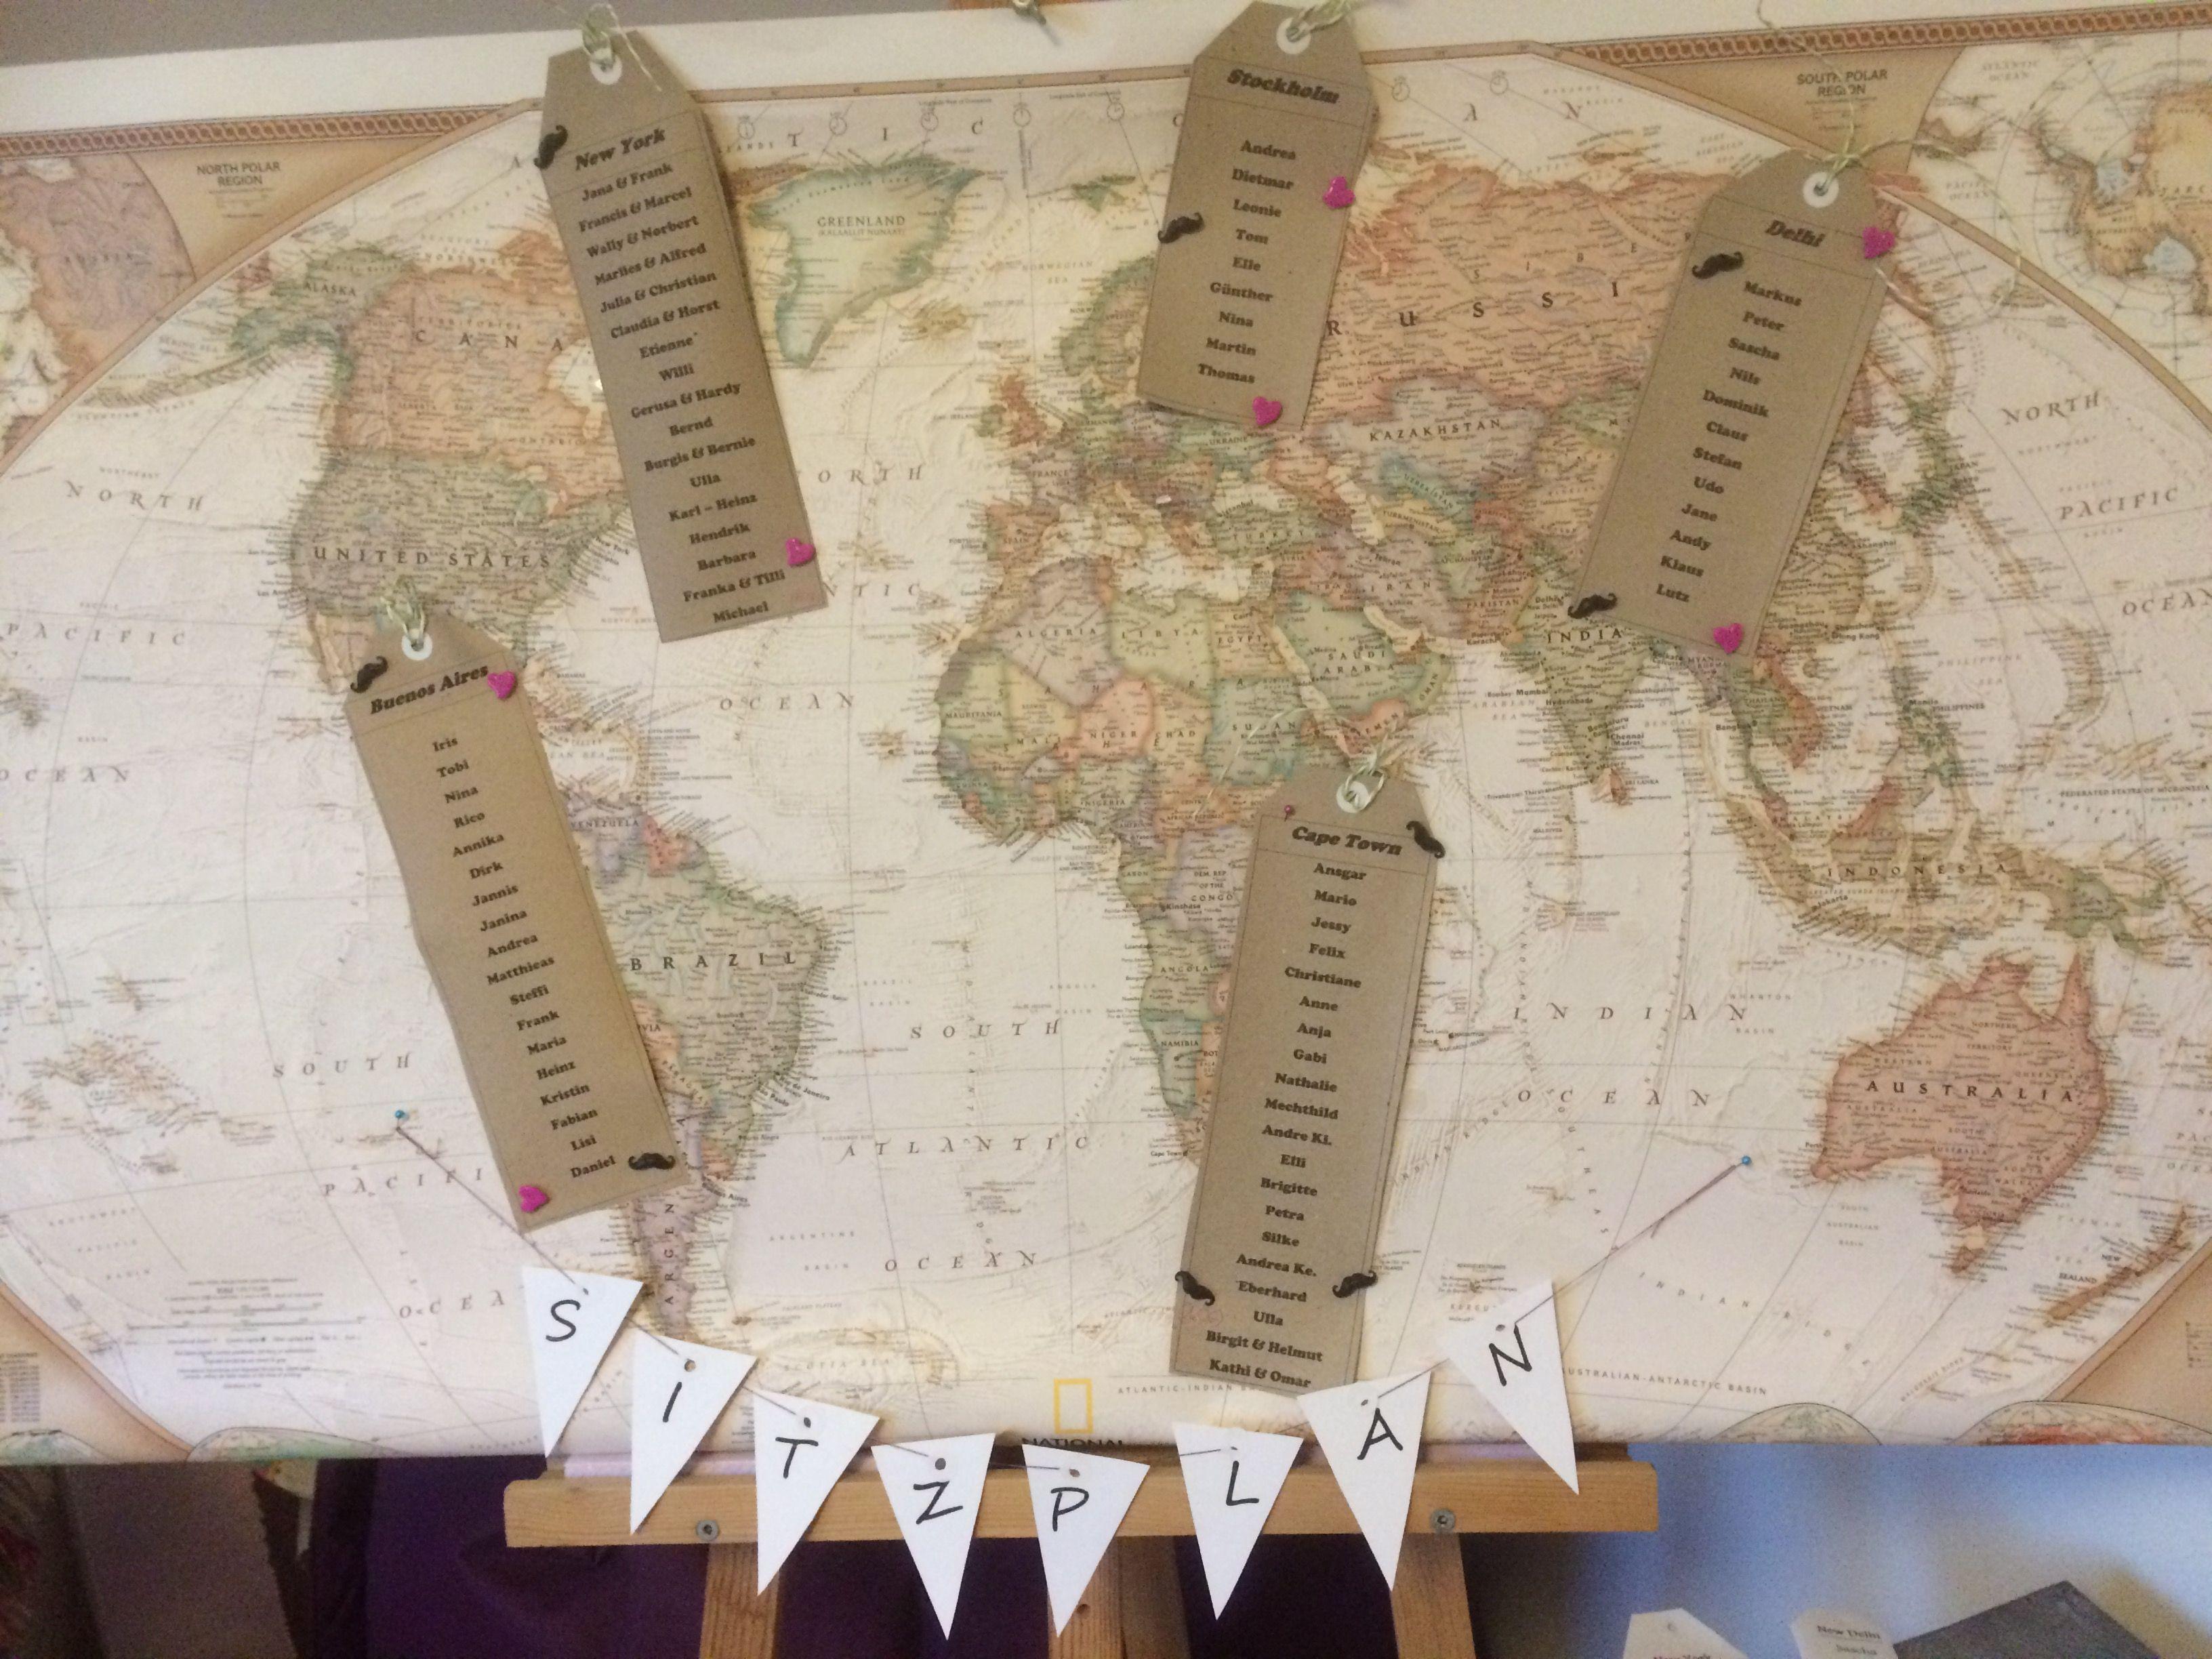 Großartig Weltkarte Mit Städten Galerie Von Vintage Weltkarte!wir Haben Zu Den Städten Thematisch